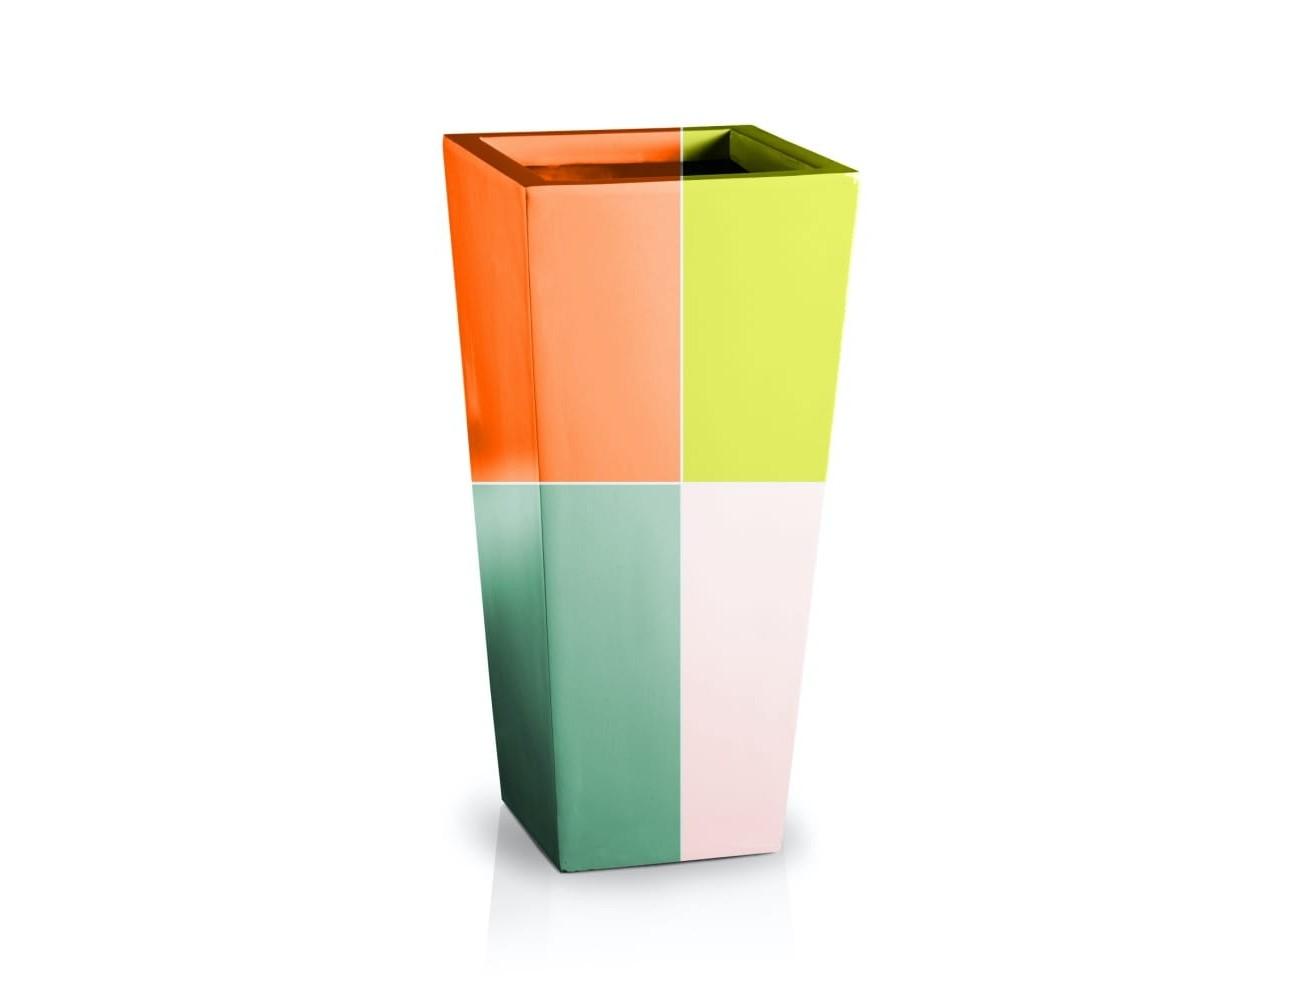 Donica Fiberglass 45x95 cm kolor na zamówienie